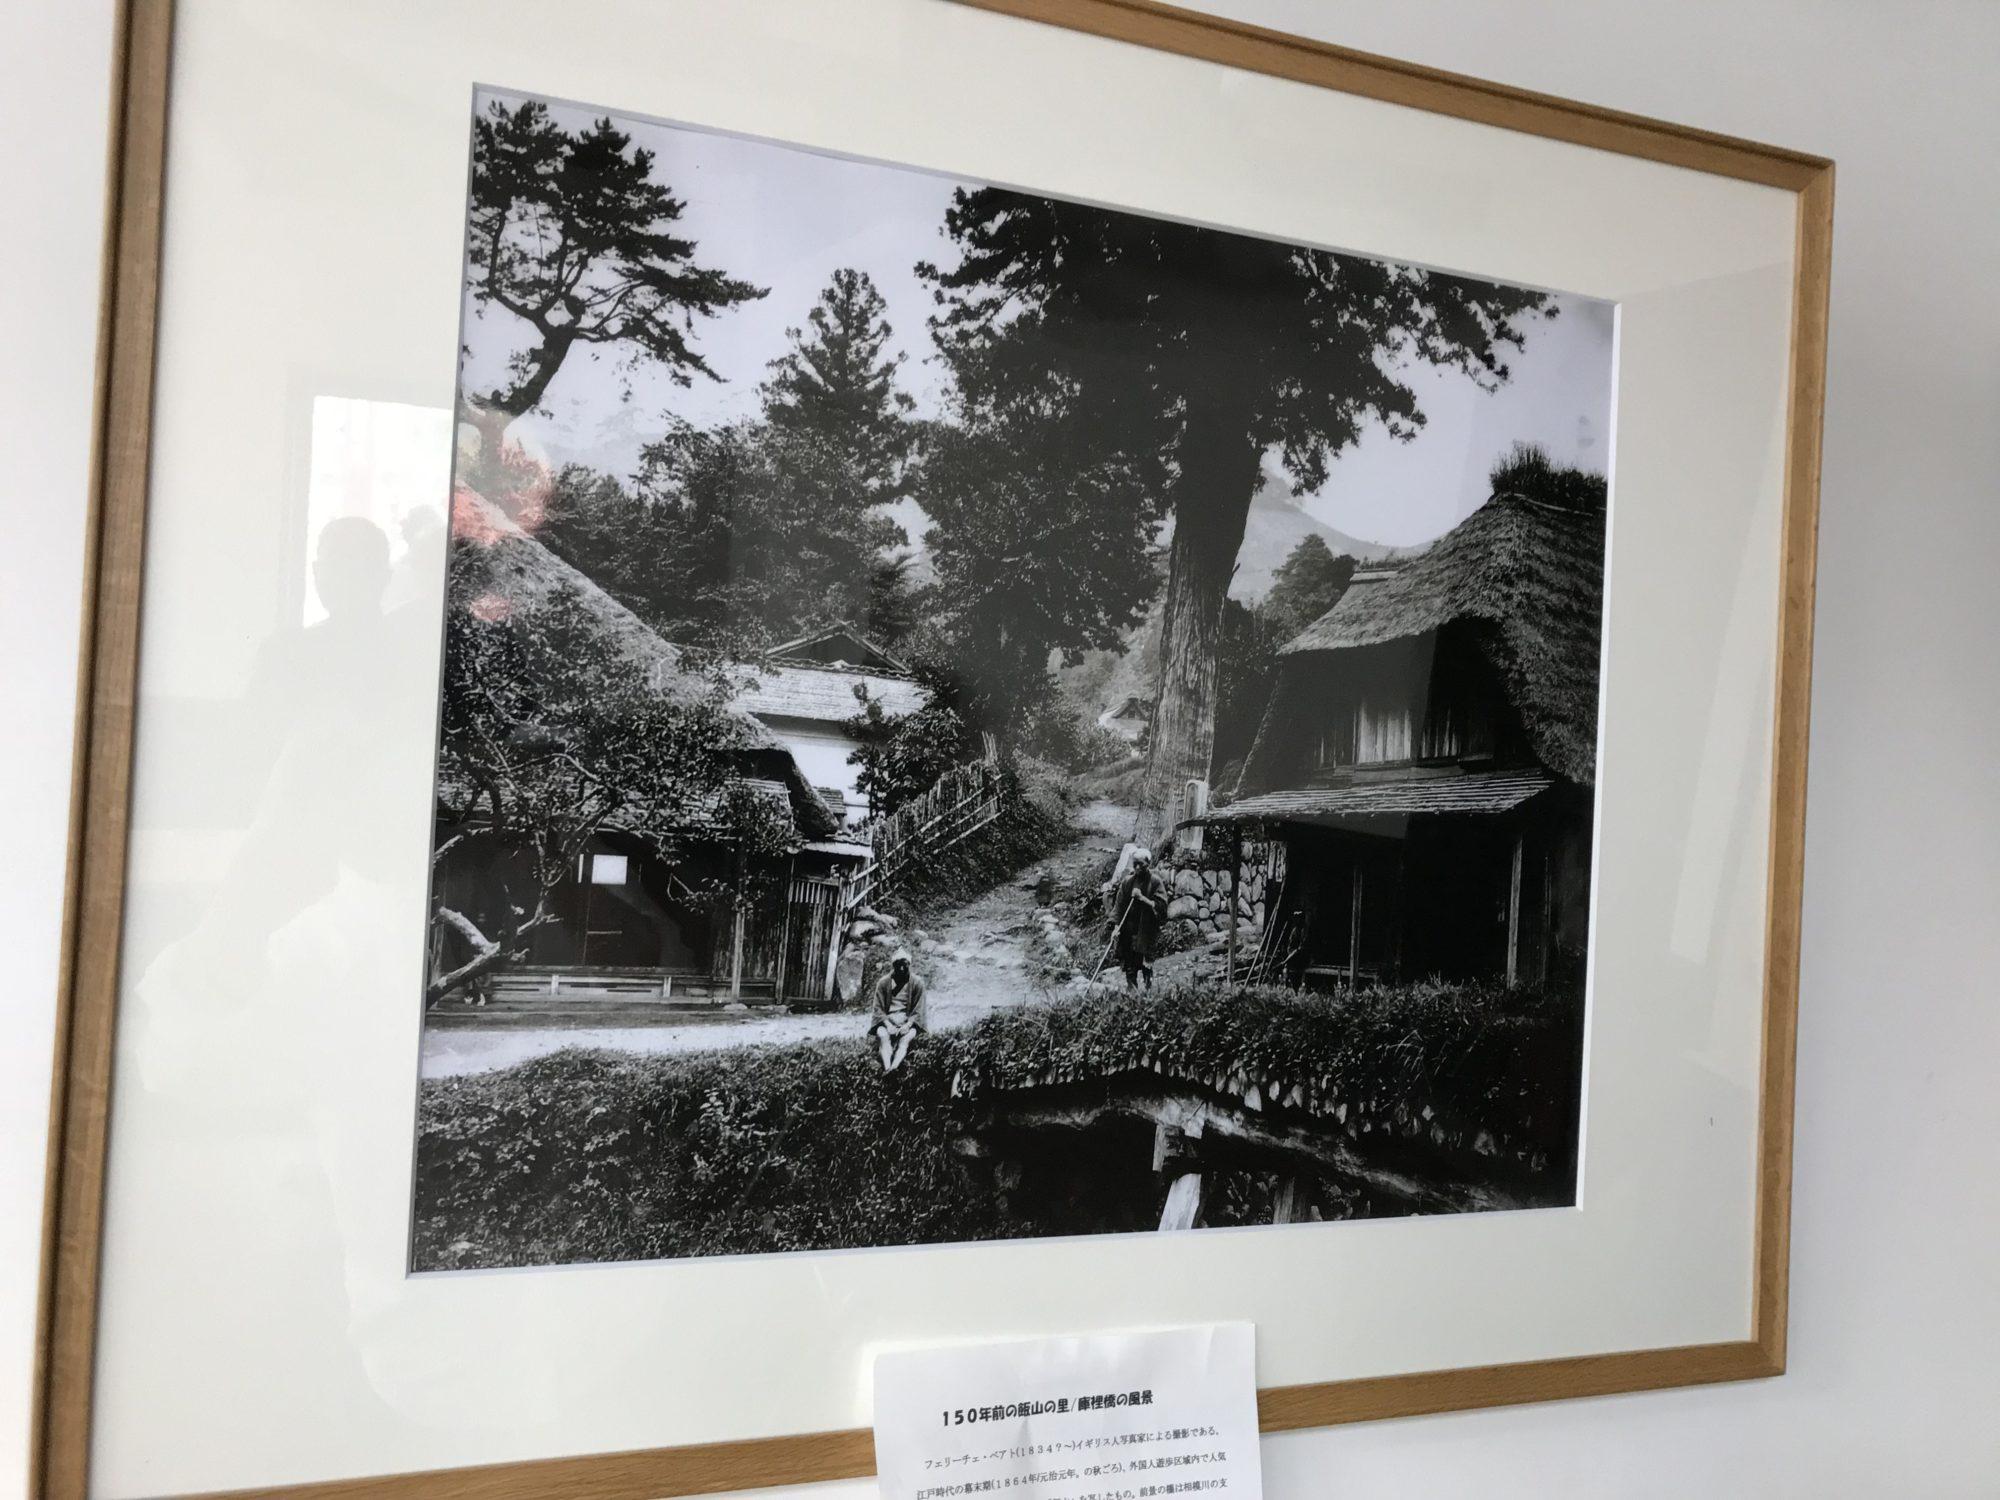 150年前の飯山、庫裡橋の写真